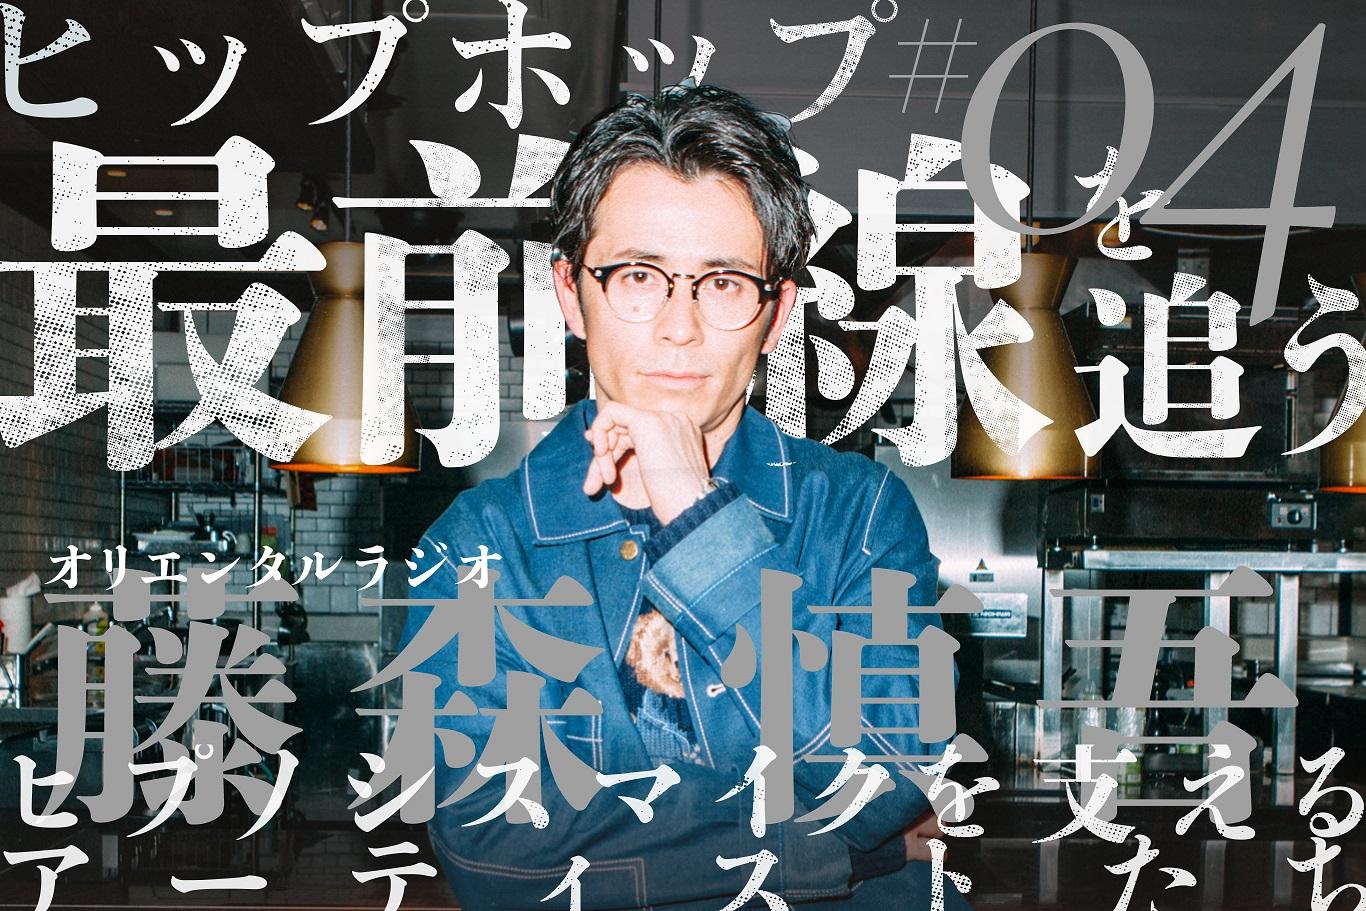 「ニュー・エンターテインメント」を見せてくれた オリラジ藤森慎吾がヒプマイで発見した新たな地平